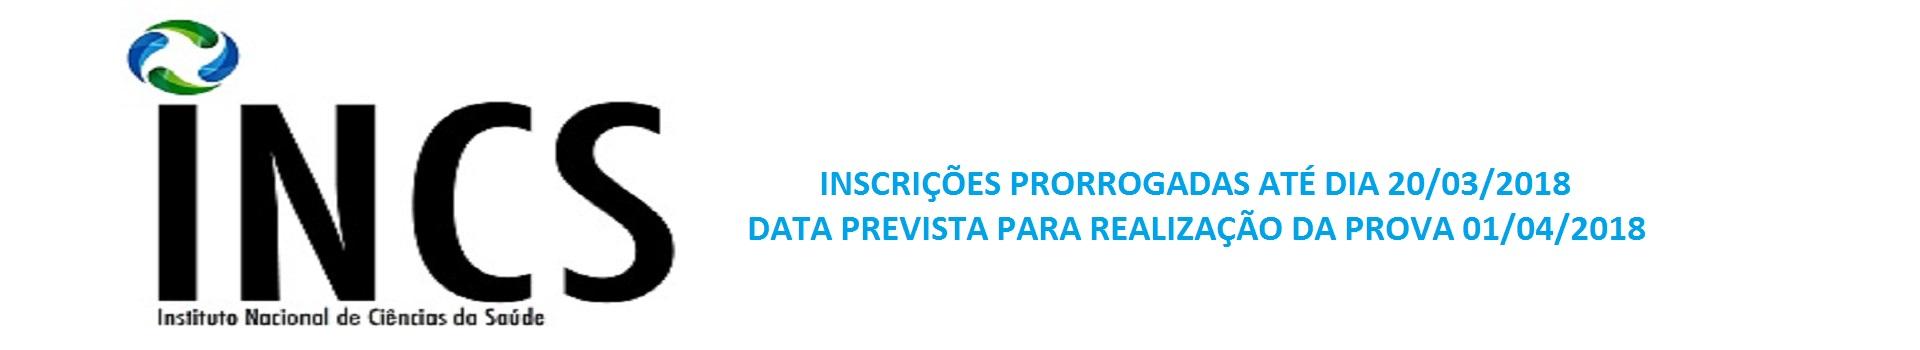 INCS - PS N° 01/2018 - EDITAL DE CONVOCAÇÃO PARA AS PROVAS OBJETIVAS, NA CIDADE DE SÃO JOSÉ DOS CAMPOS